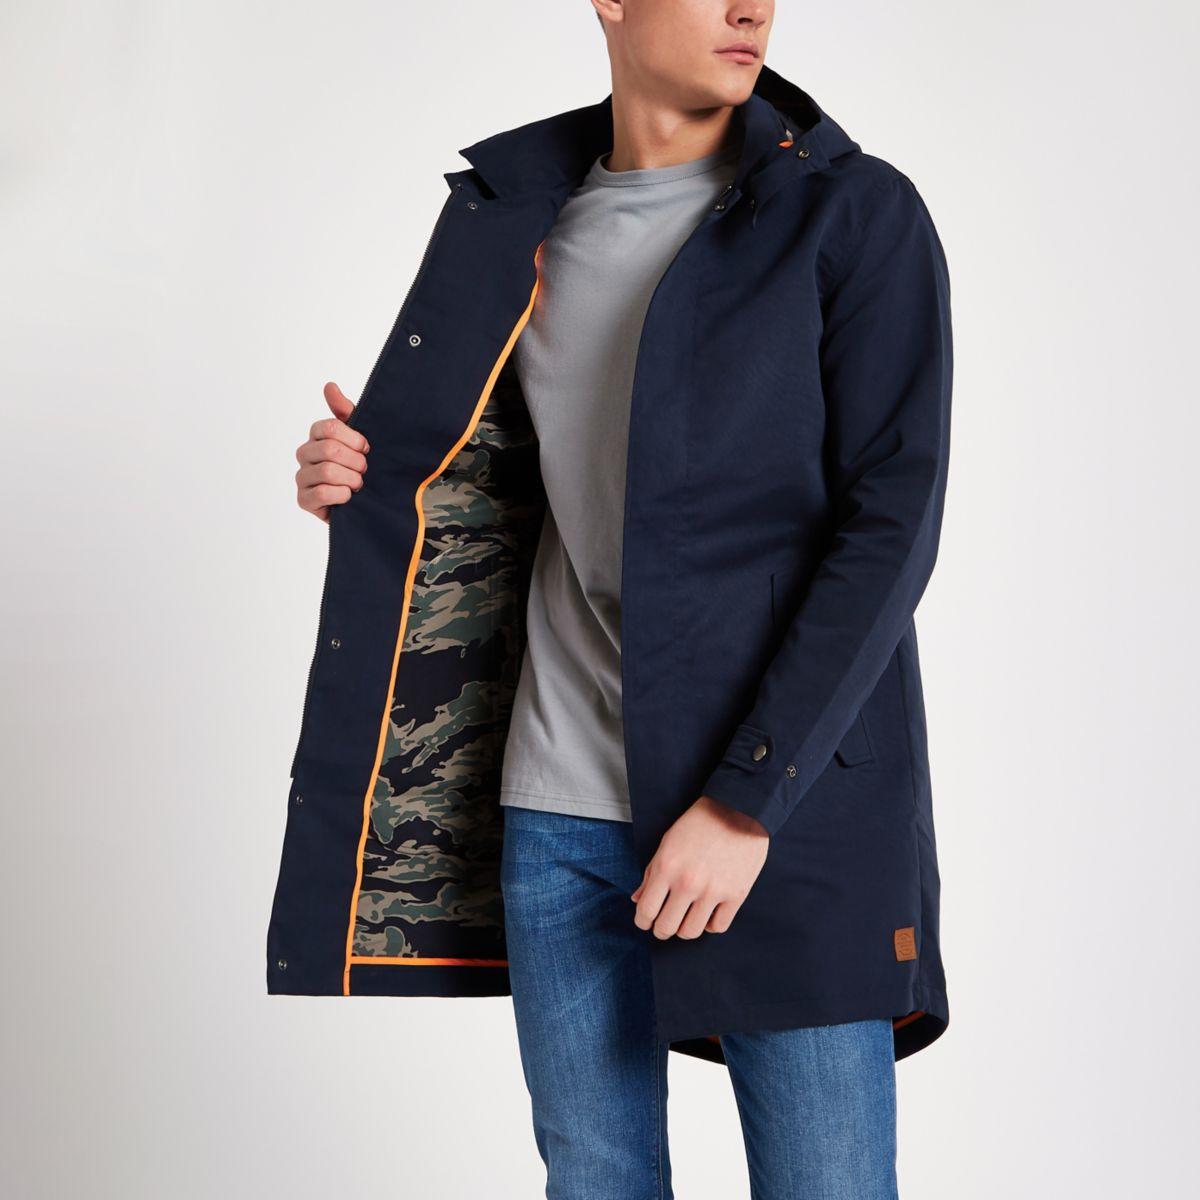 Jack & Jones navy long parka jacket